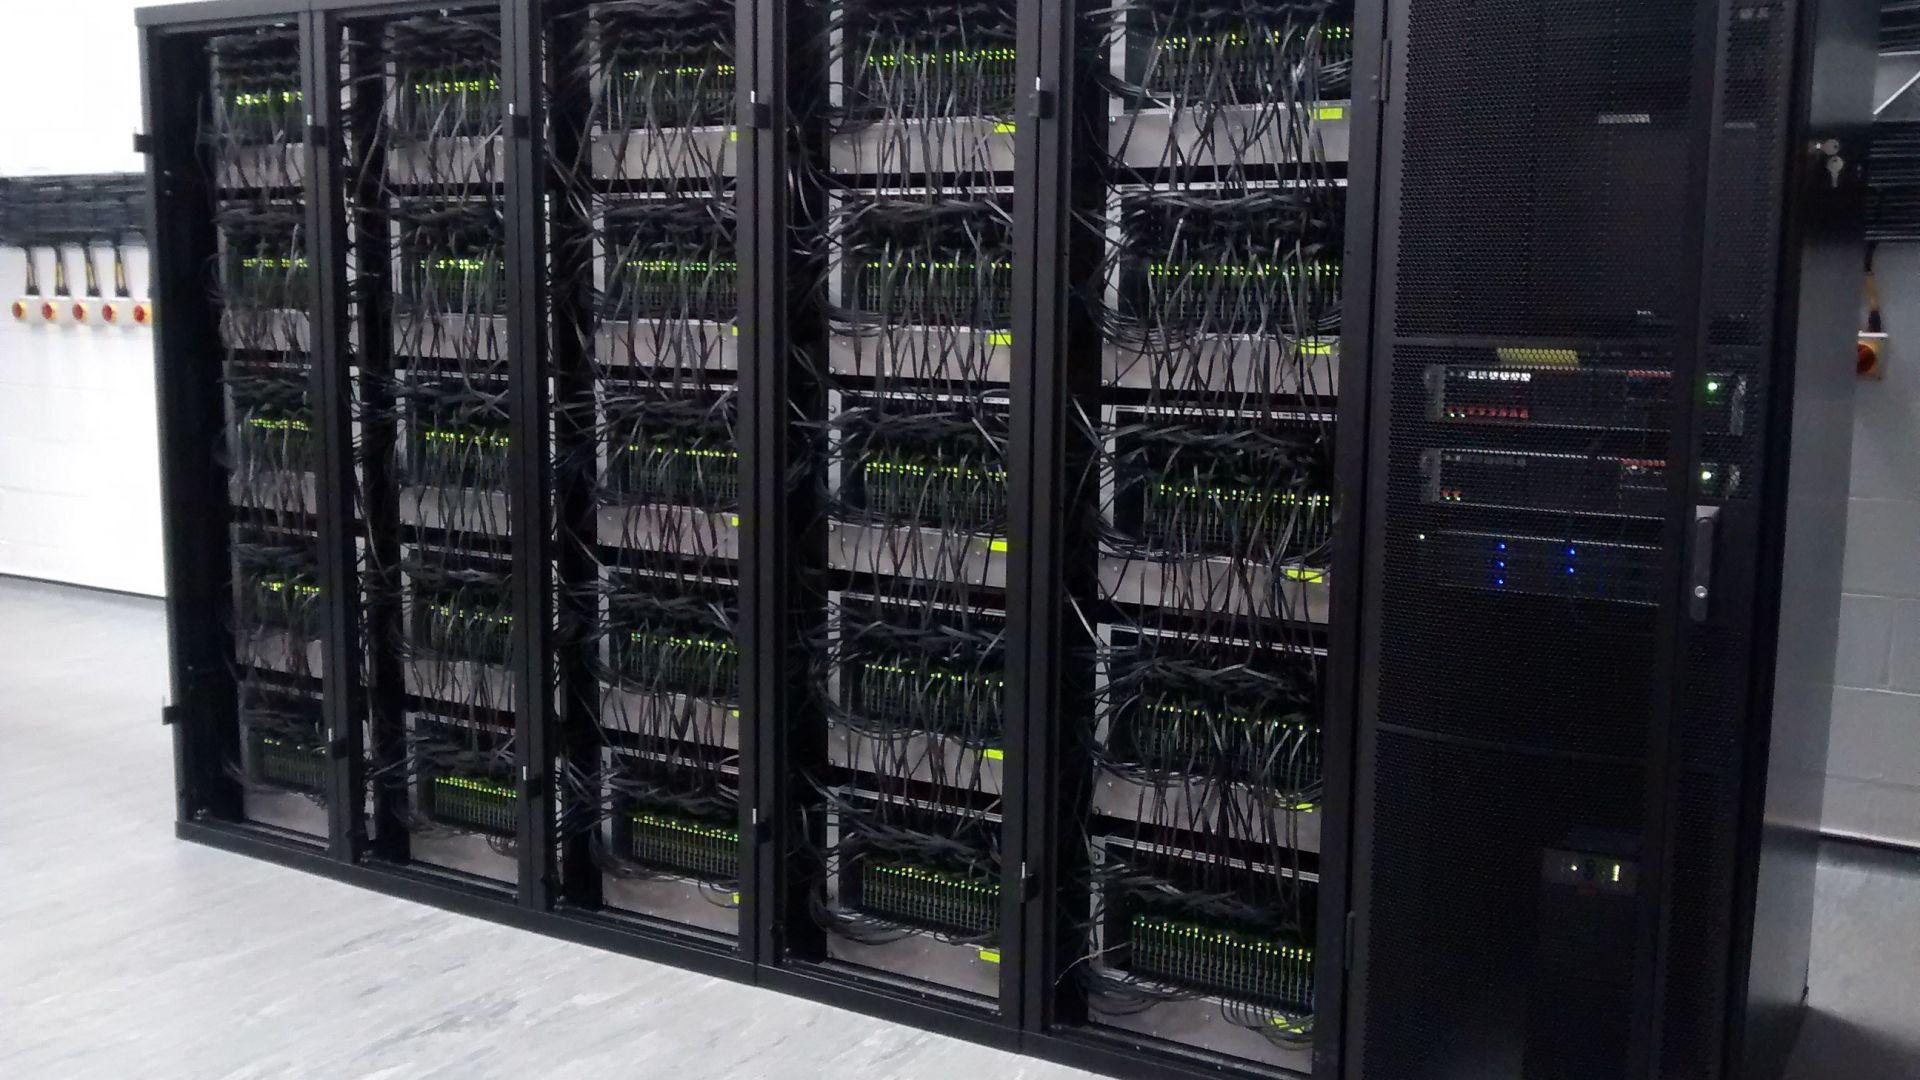 Франция ще въведе самостоятелно данък за IT гигантите, ако другите не желаят